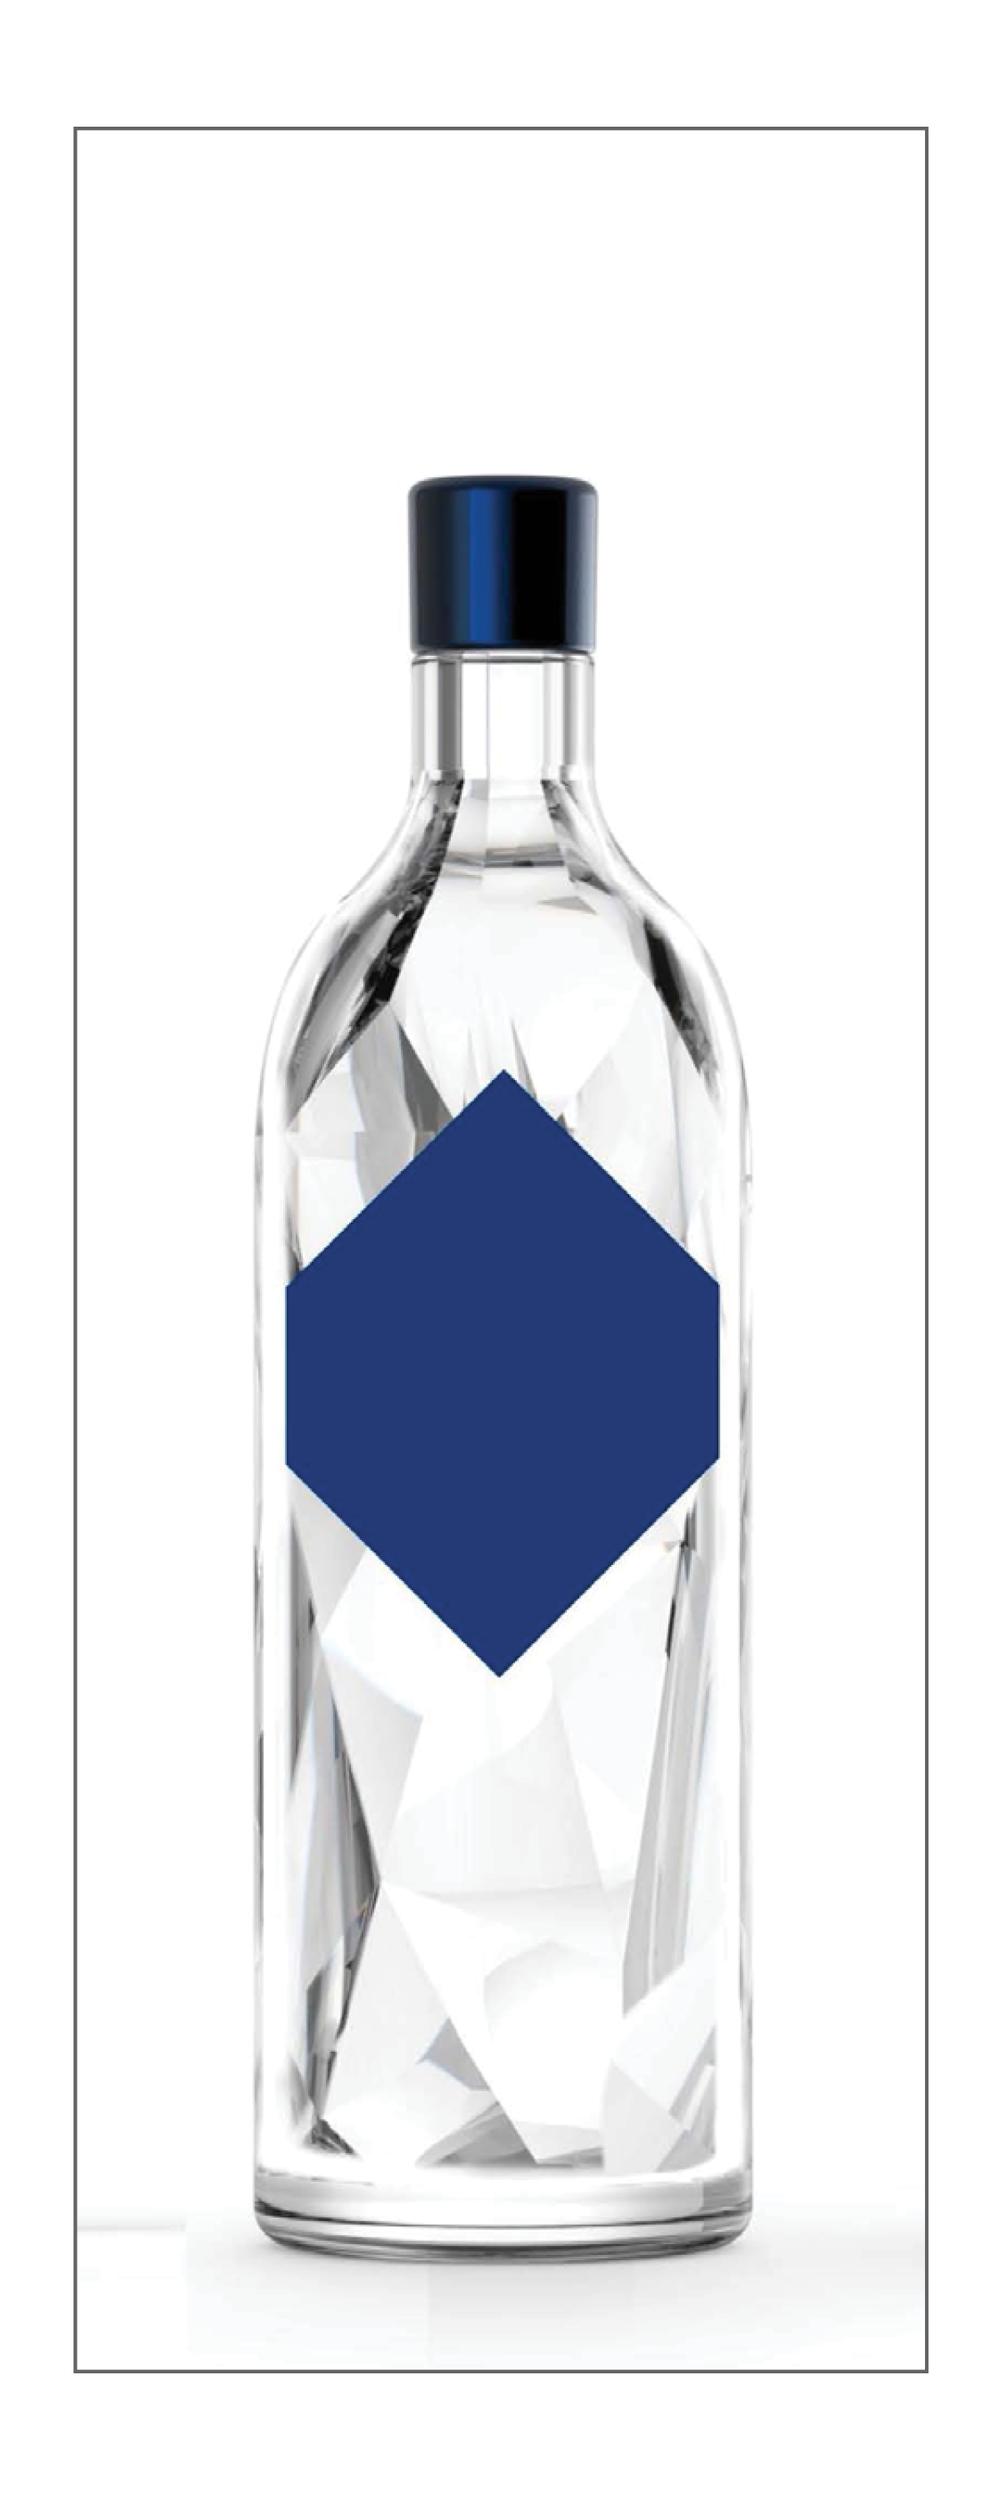 FV_Bottle_concepts7.png